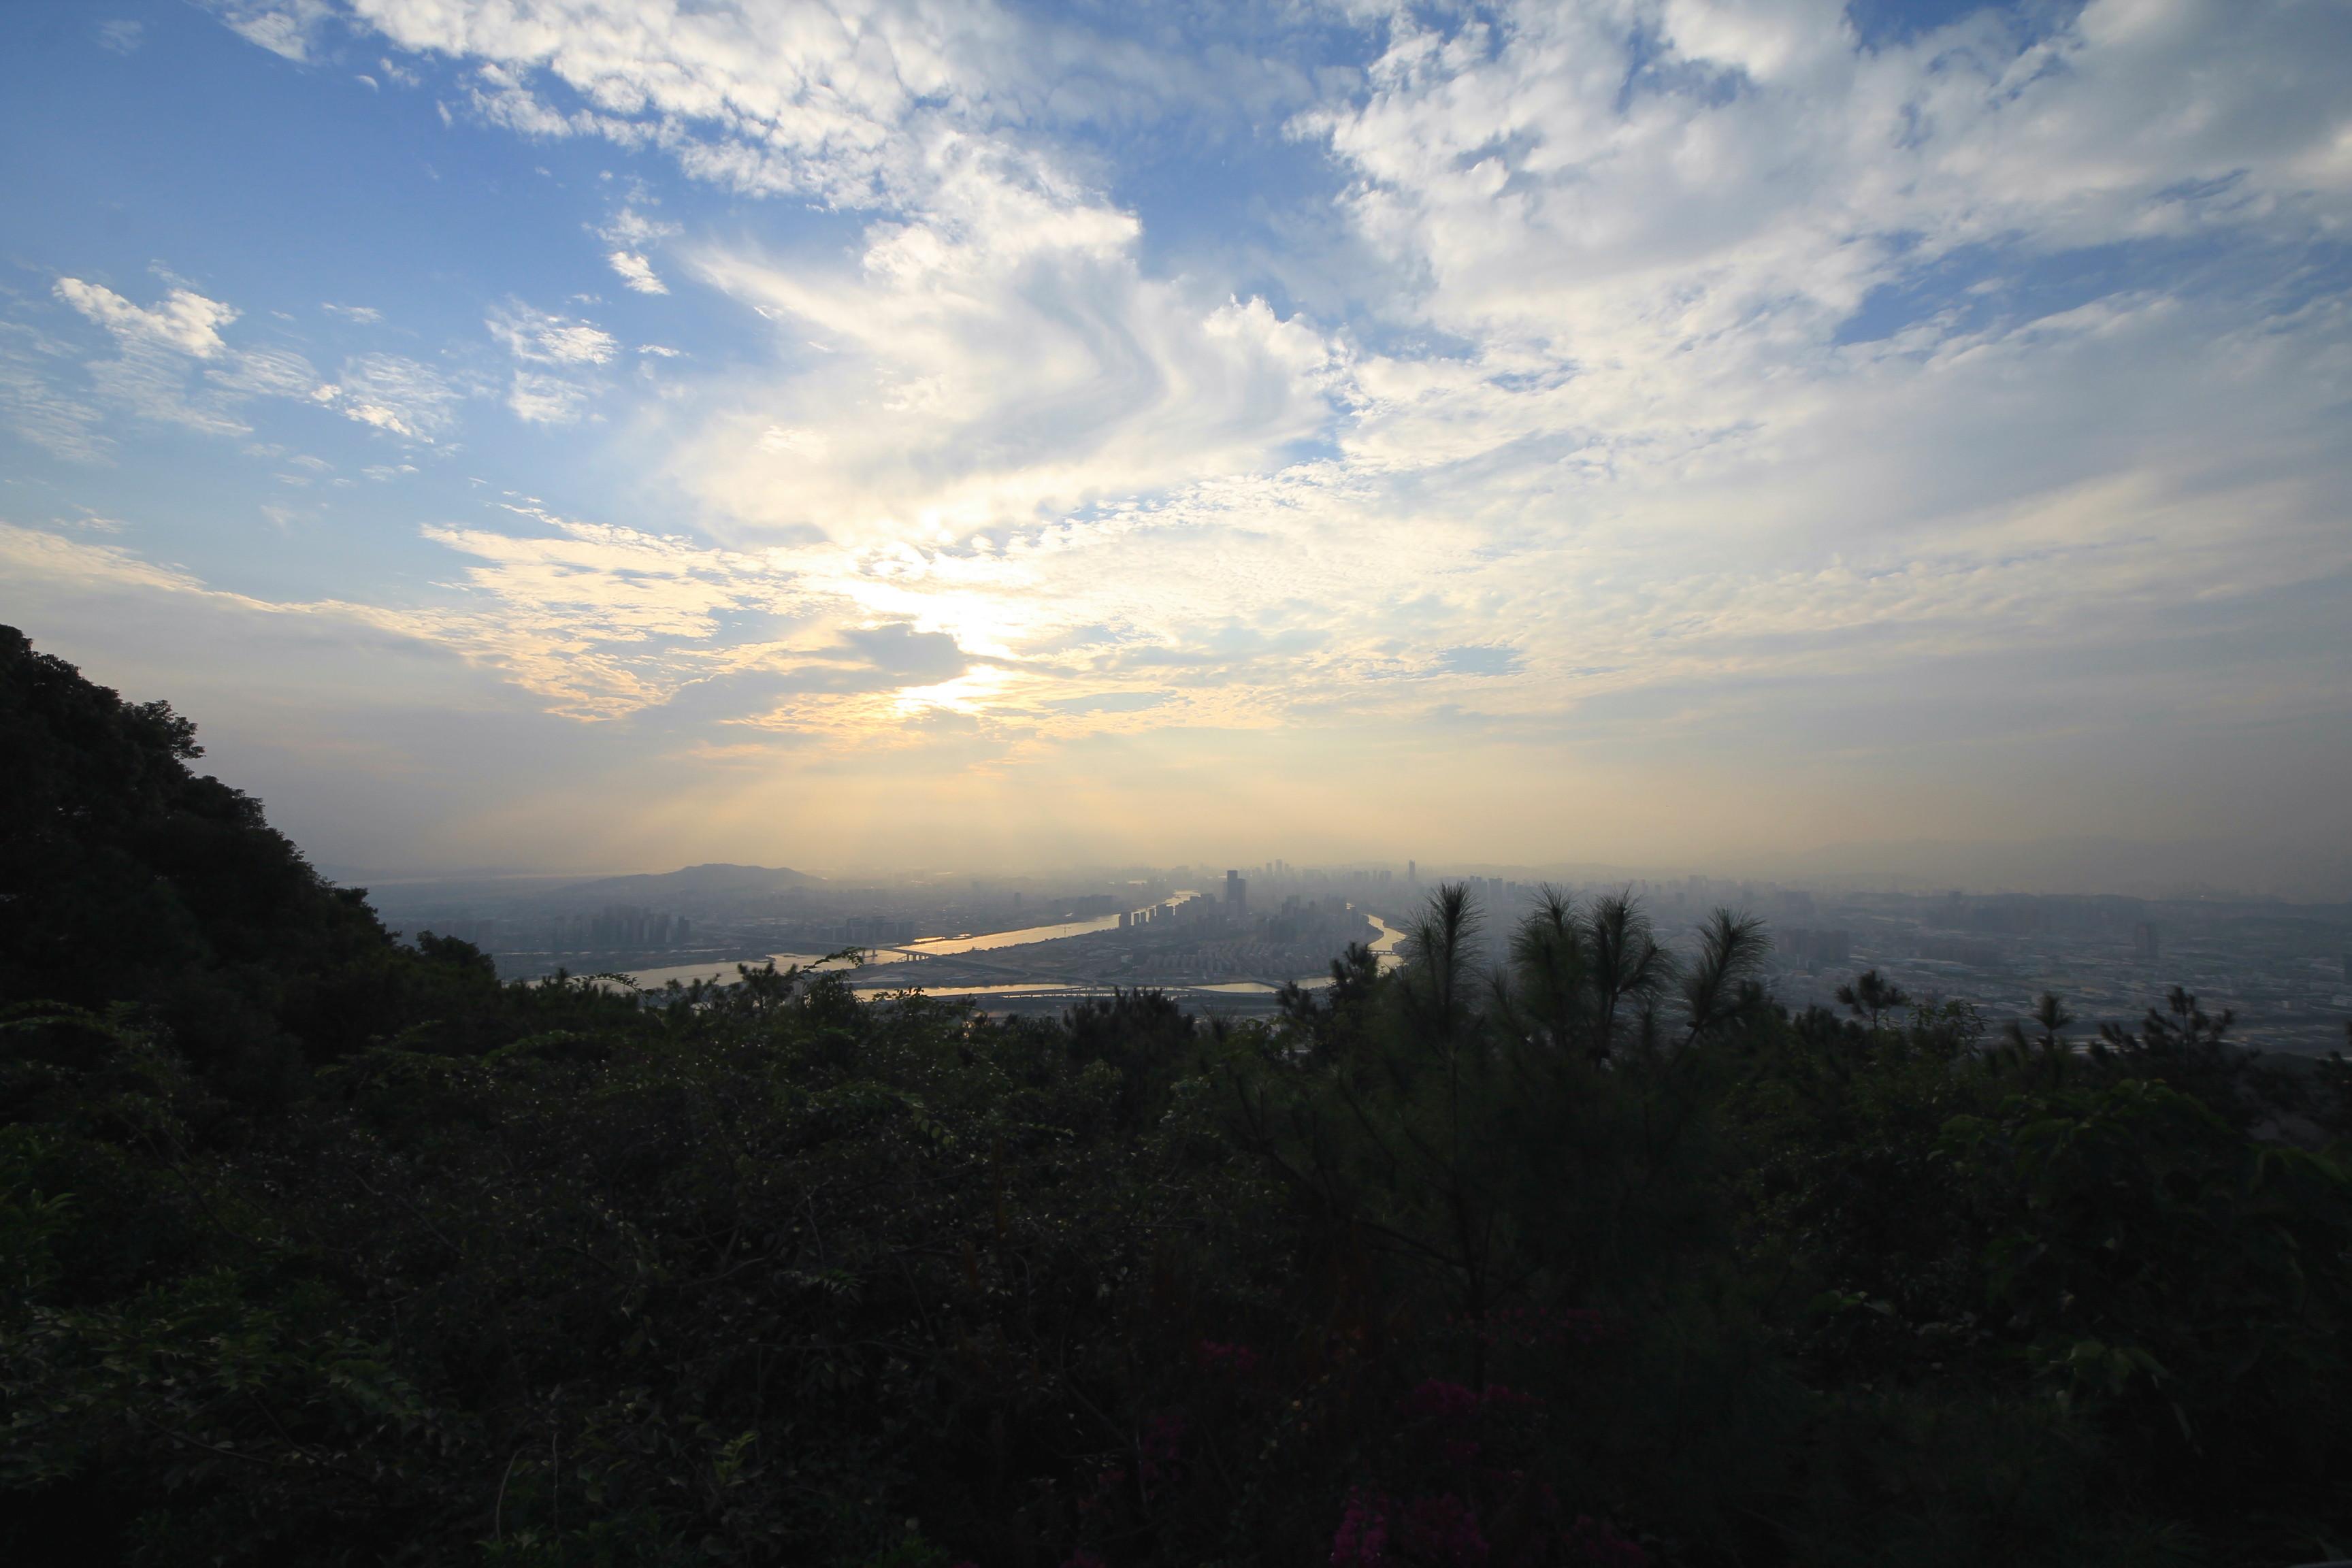 鼓山风景名胜区位于福建省会所在地福州市东大门, 主峰海拔969米,总面积48平方公里, 分为鼓山、鼓岭、鳝溪、磨溪、凤池白云洞五大景区。 自宋朝至今皆为游览胜地,是福建省十佳风景区之一。 鼓山风景名胜区相传山颠有一巨石平展如鼓, 每当风雨之际,便发出隆隆的声音, 象鼓声绵绵不绝地在山间回荡,故名鼓山。 景区峰、峡、岩、洞260余处, 久负盛名有白云峰、狮子峰、喝水岩、蟠桃林、 八仙岩、忘归石、仙迹石、白云洞、灵源洞